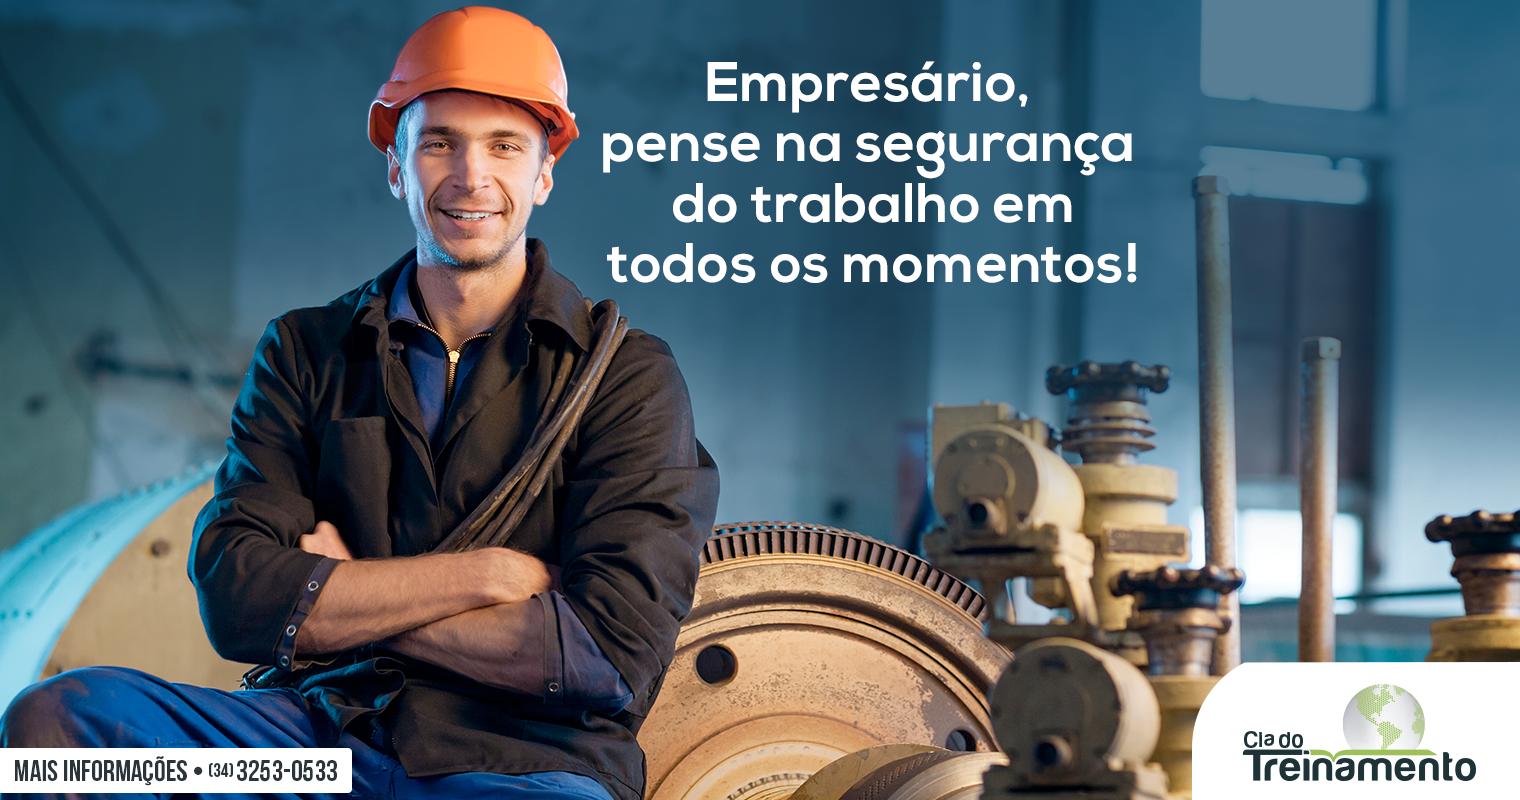 Empresário, pense na segurança do trabalho em todos os momentos!